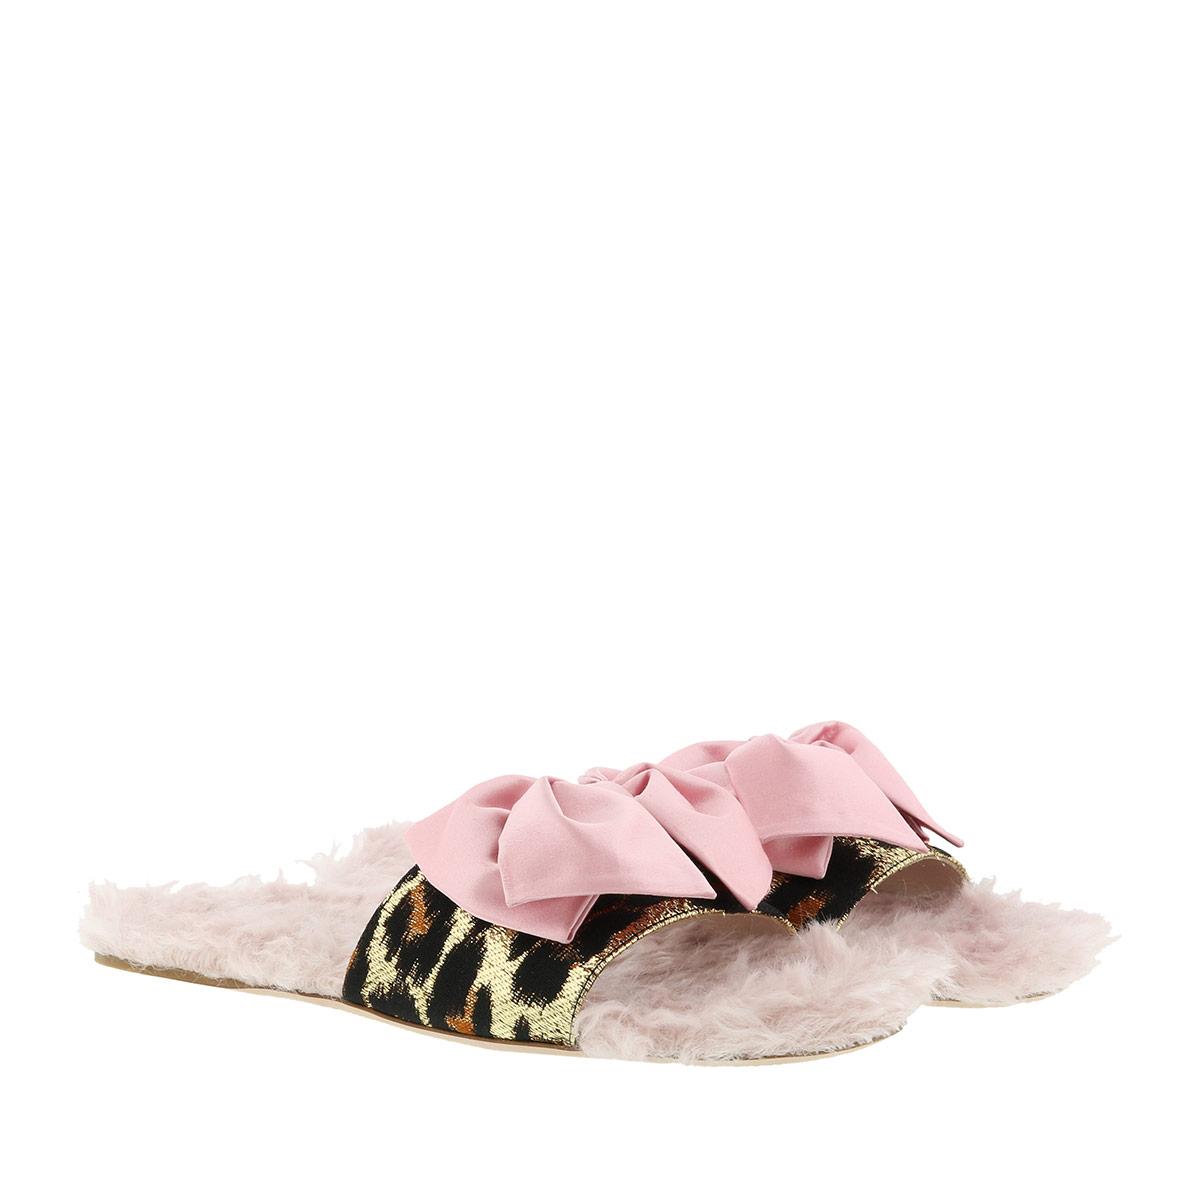 Miu Miu Sandalen - Leopard Jacquard Shearling Slides Pink - in rosa - für Damen